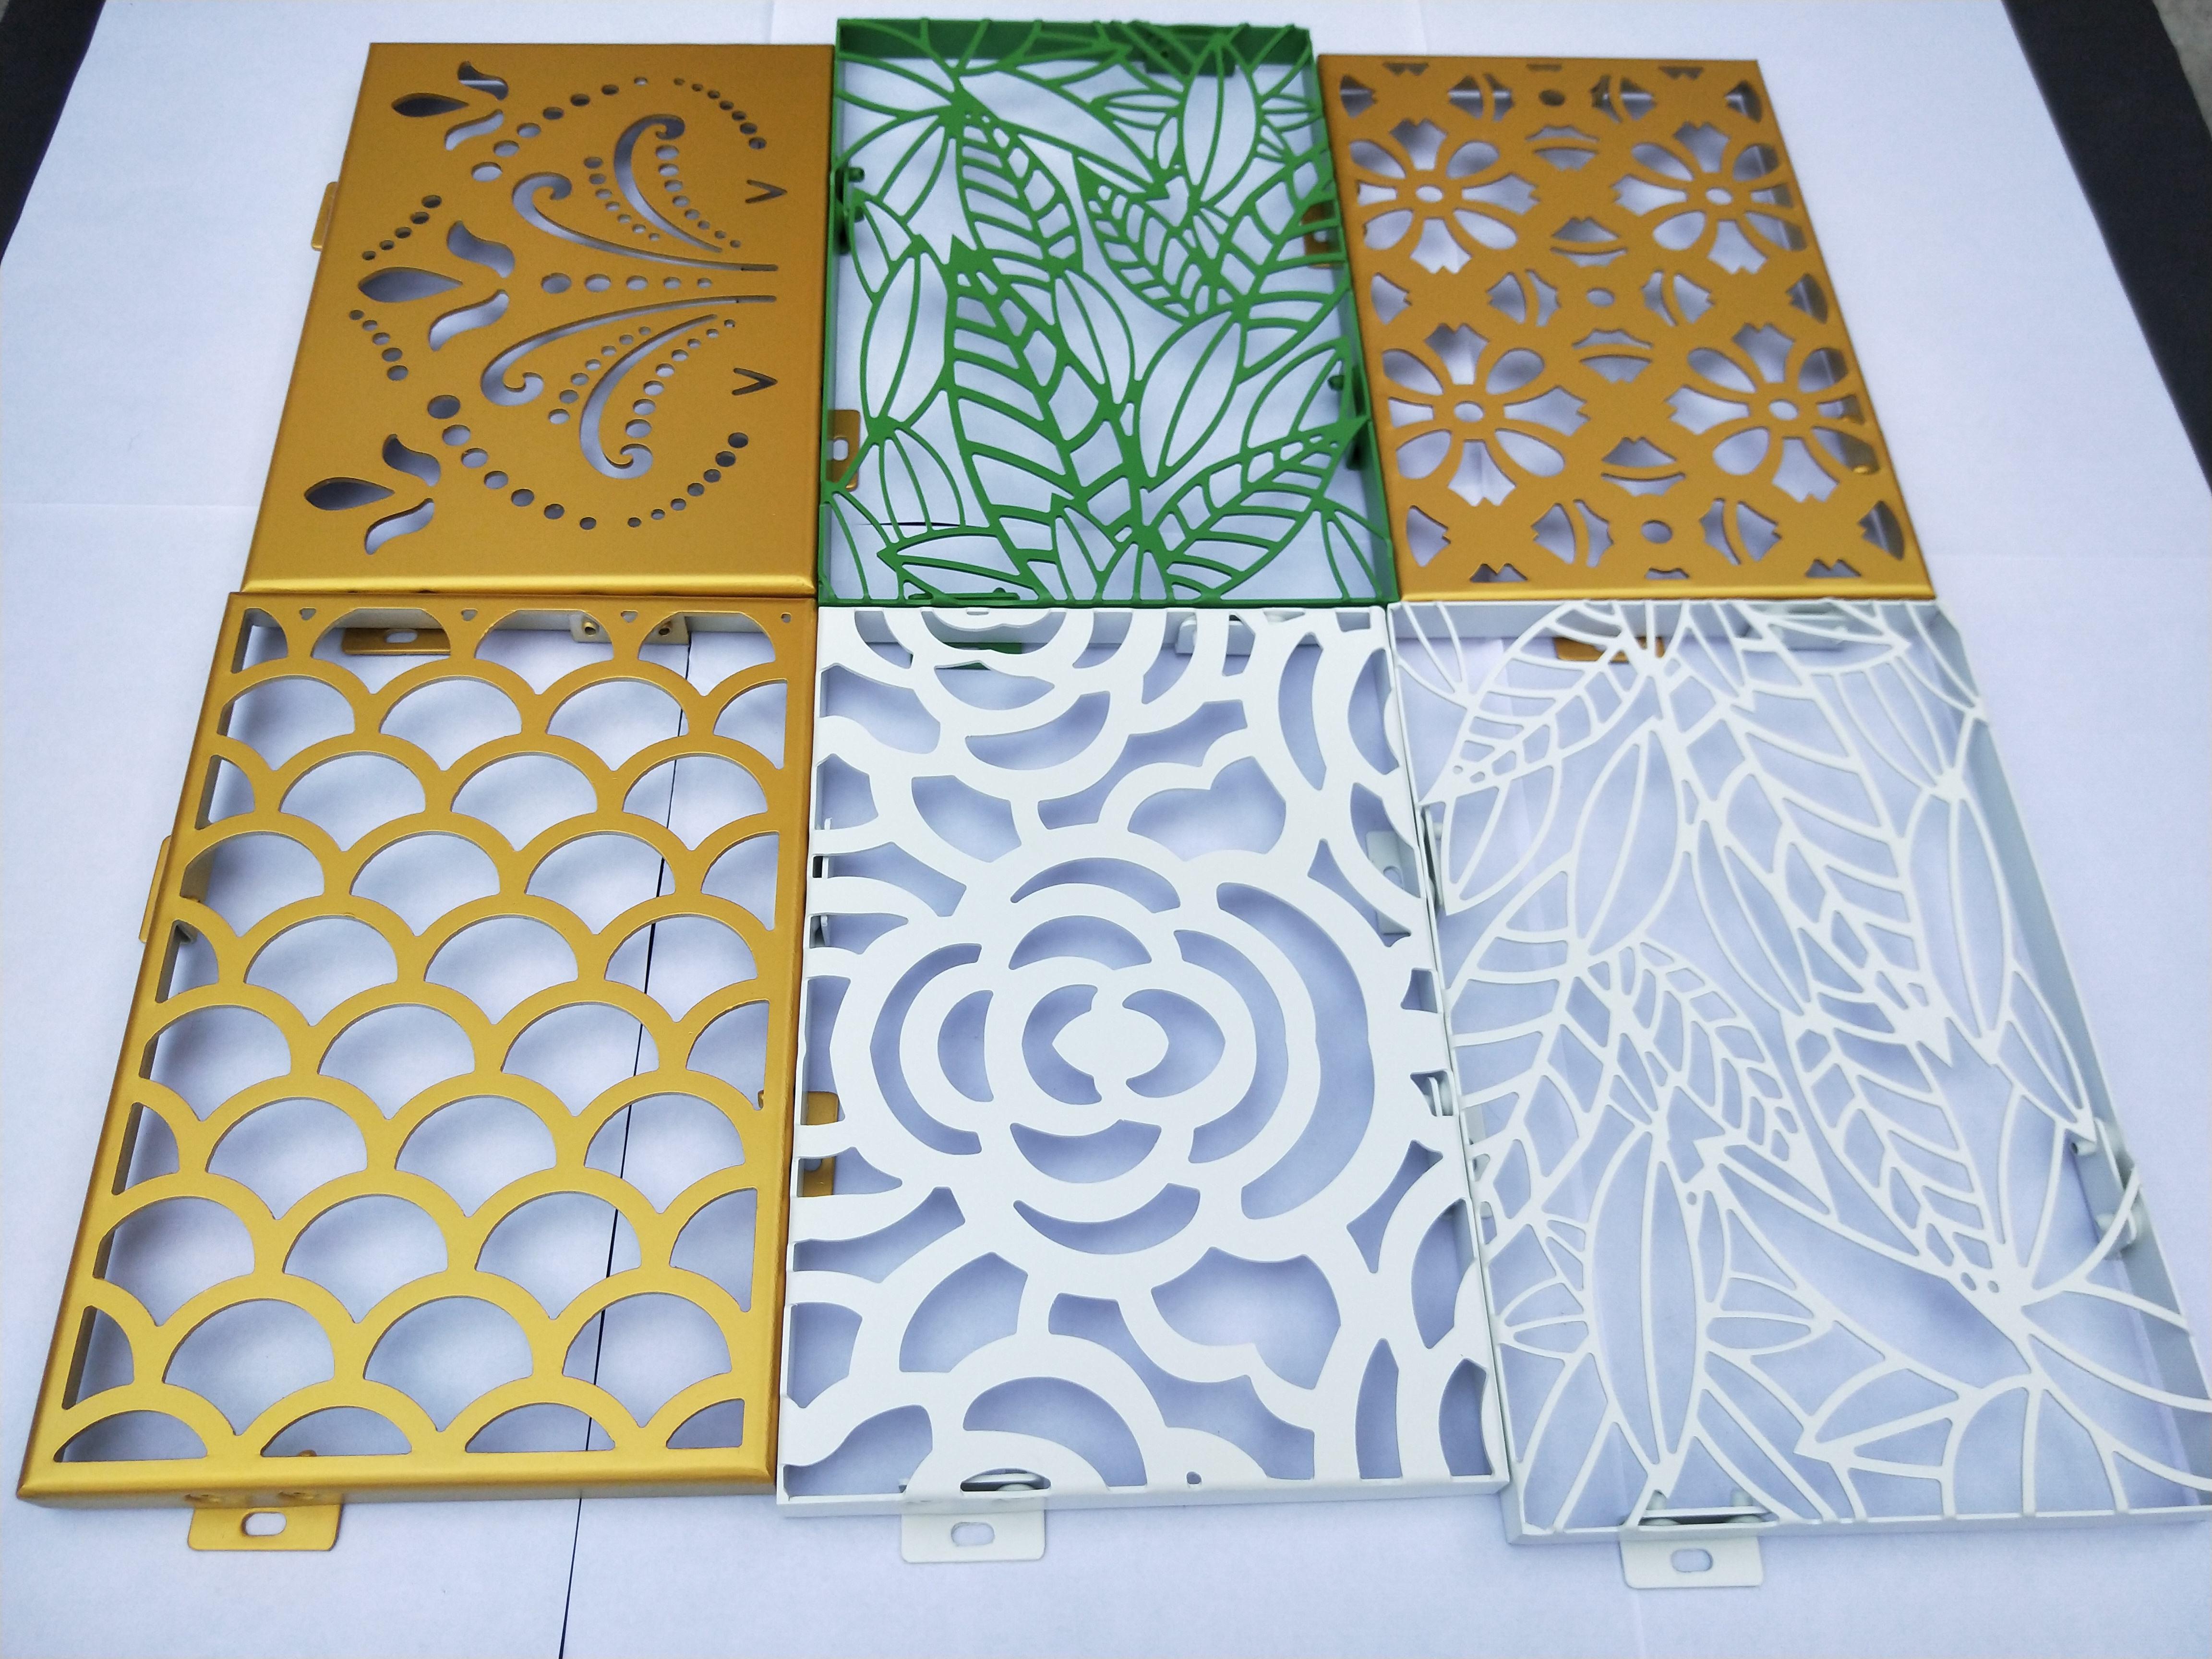 铝板雕刻镂空雕花屏风